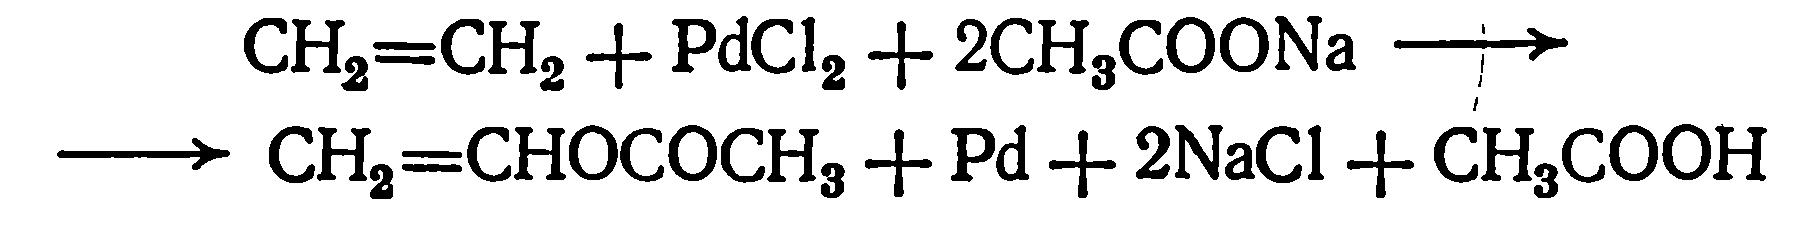 получение винилацетата из этилена и уксусной кислоты